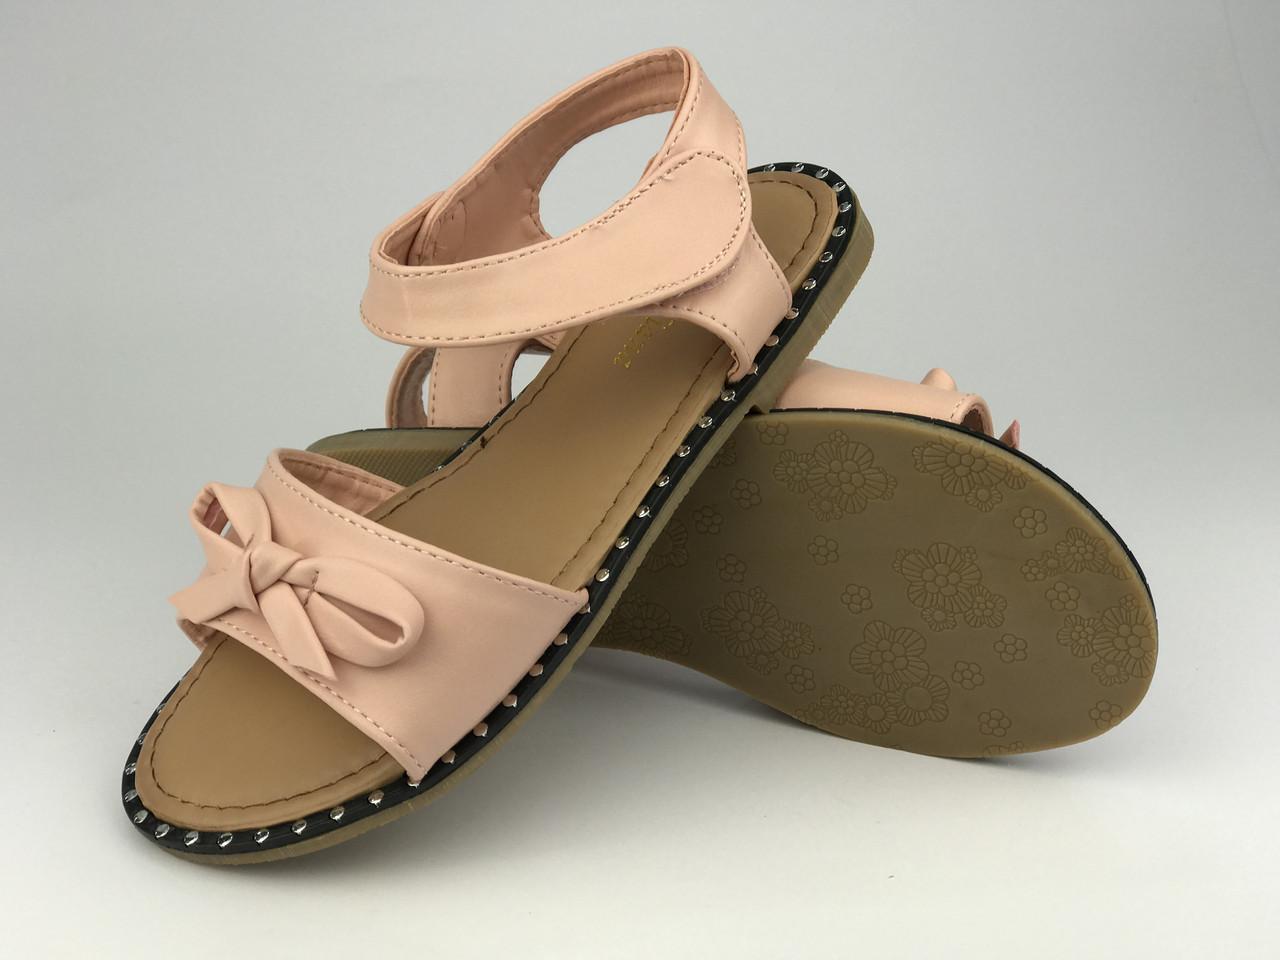 Босоніжки для дівчинки рожеві Meridiana р.30-34